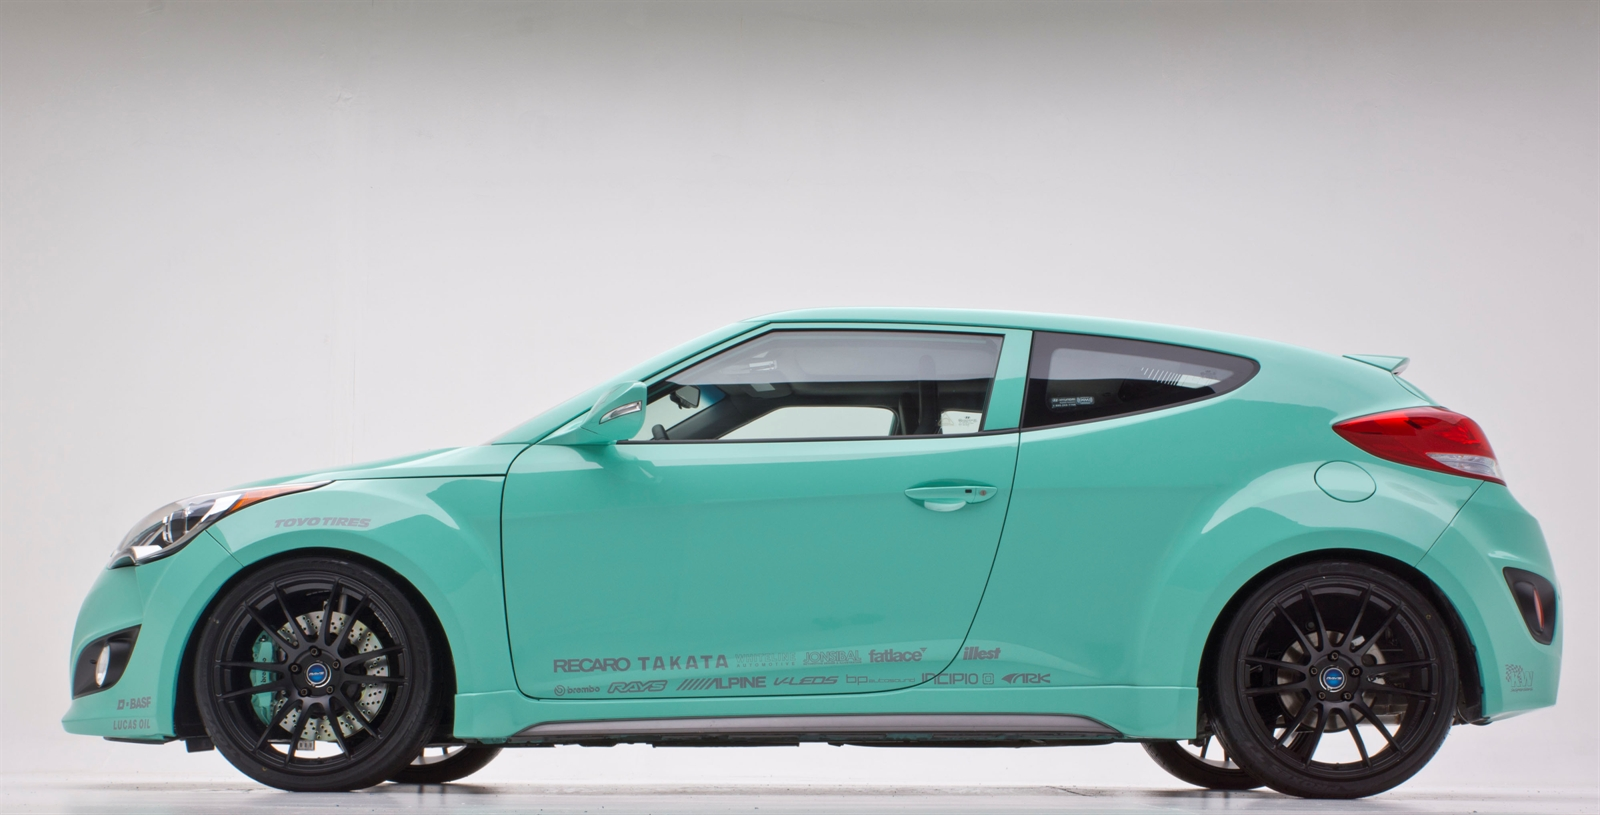 Hyundai Veloster Turbo Jp Edition Concept At 2012 Sema